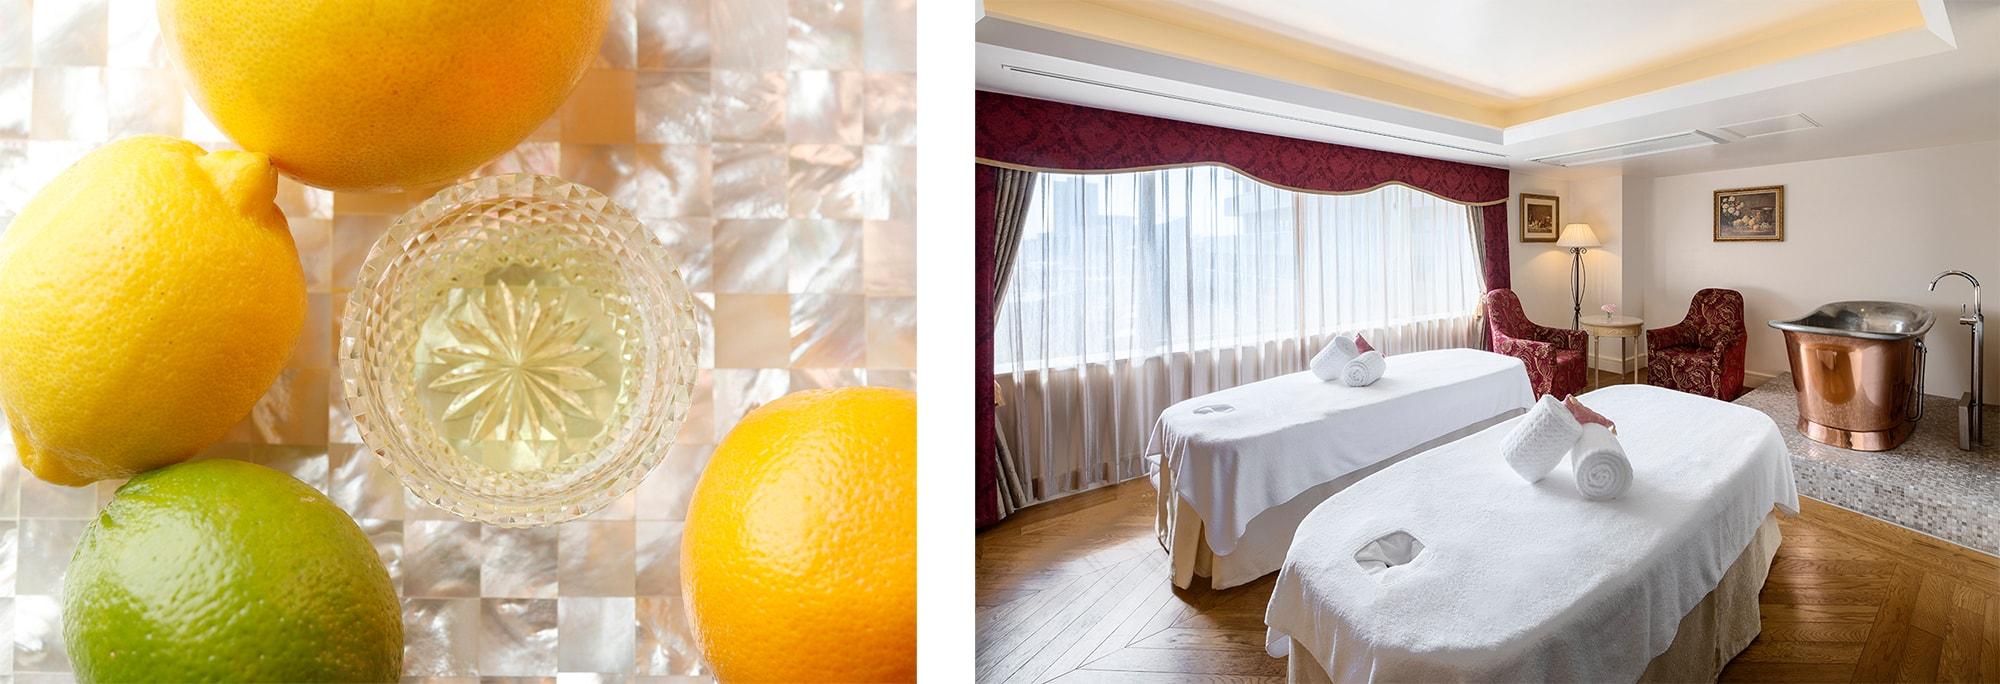 ヨーロピアンスタイルのスパ Le Spa Parisienでは柑橘系をブレンドしたオリジナルオイルで心身共にリフレッシュできる。シトラスリフレッシュボディ 80分(¥19,800 消費税・サービス料込)